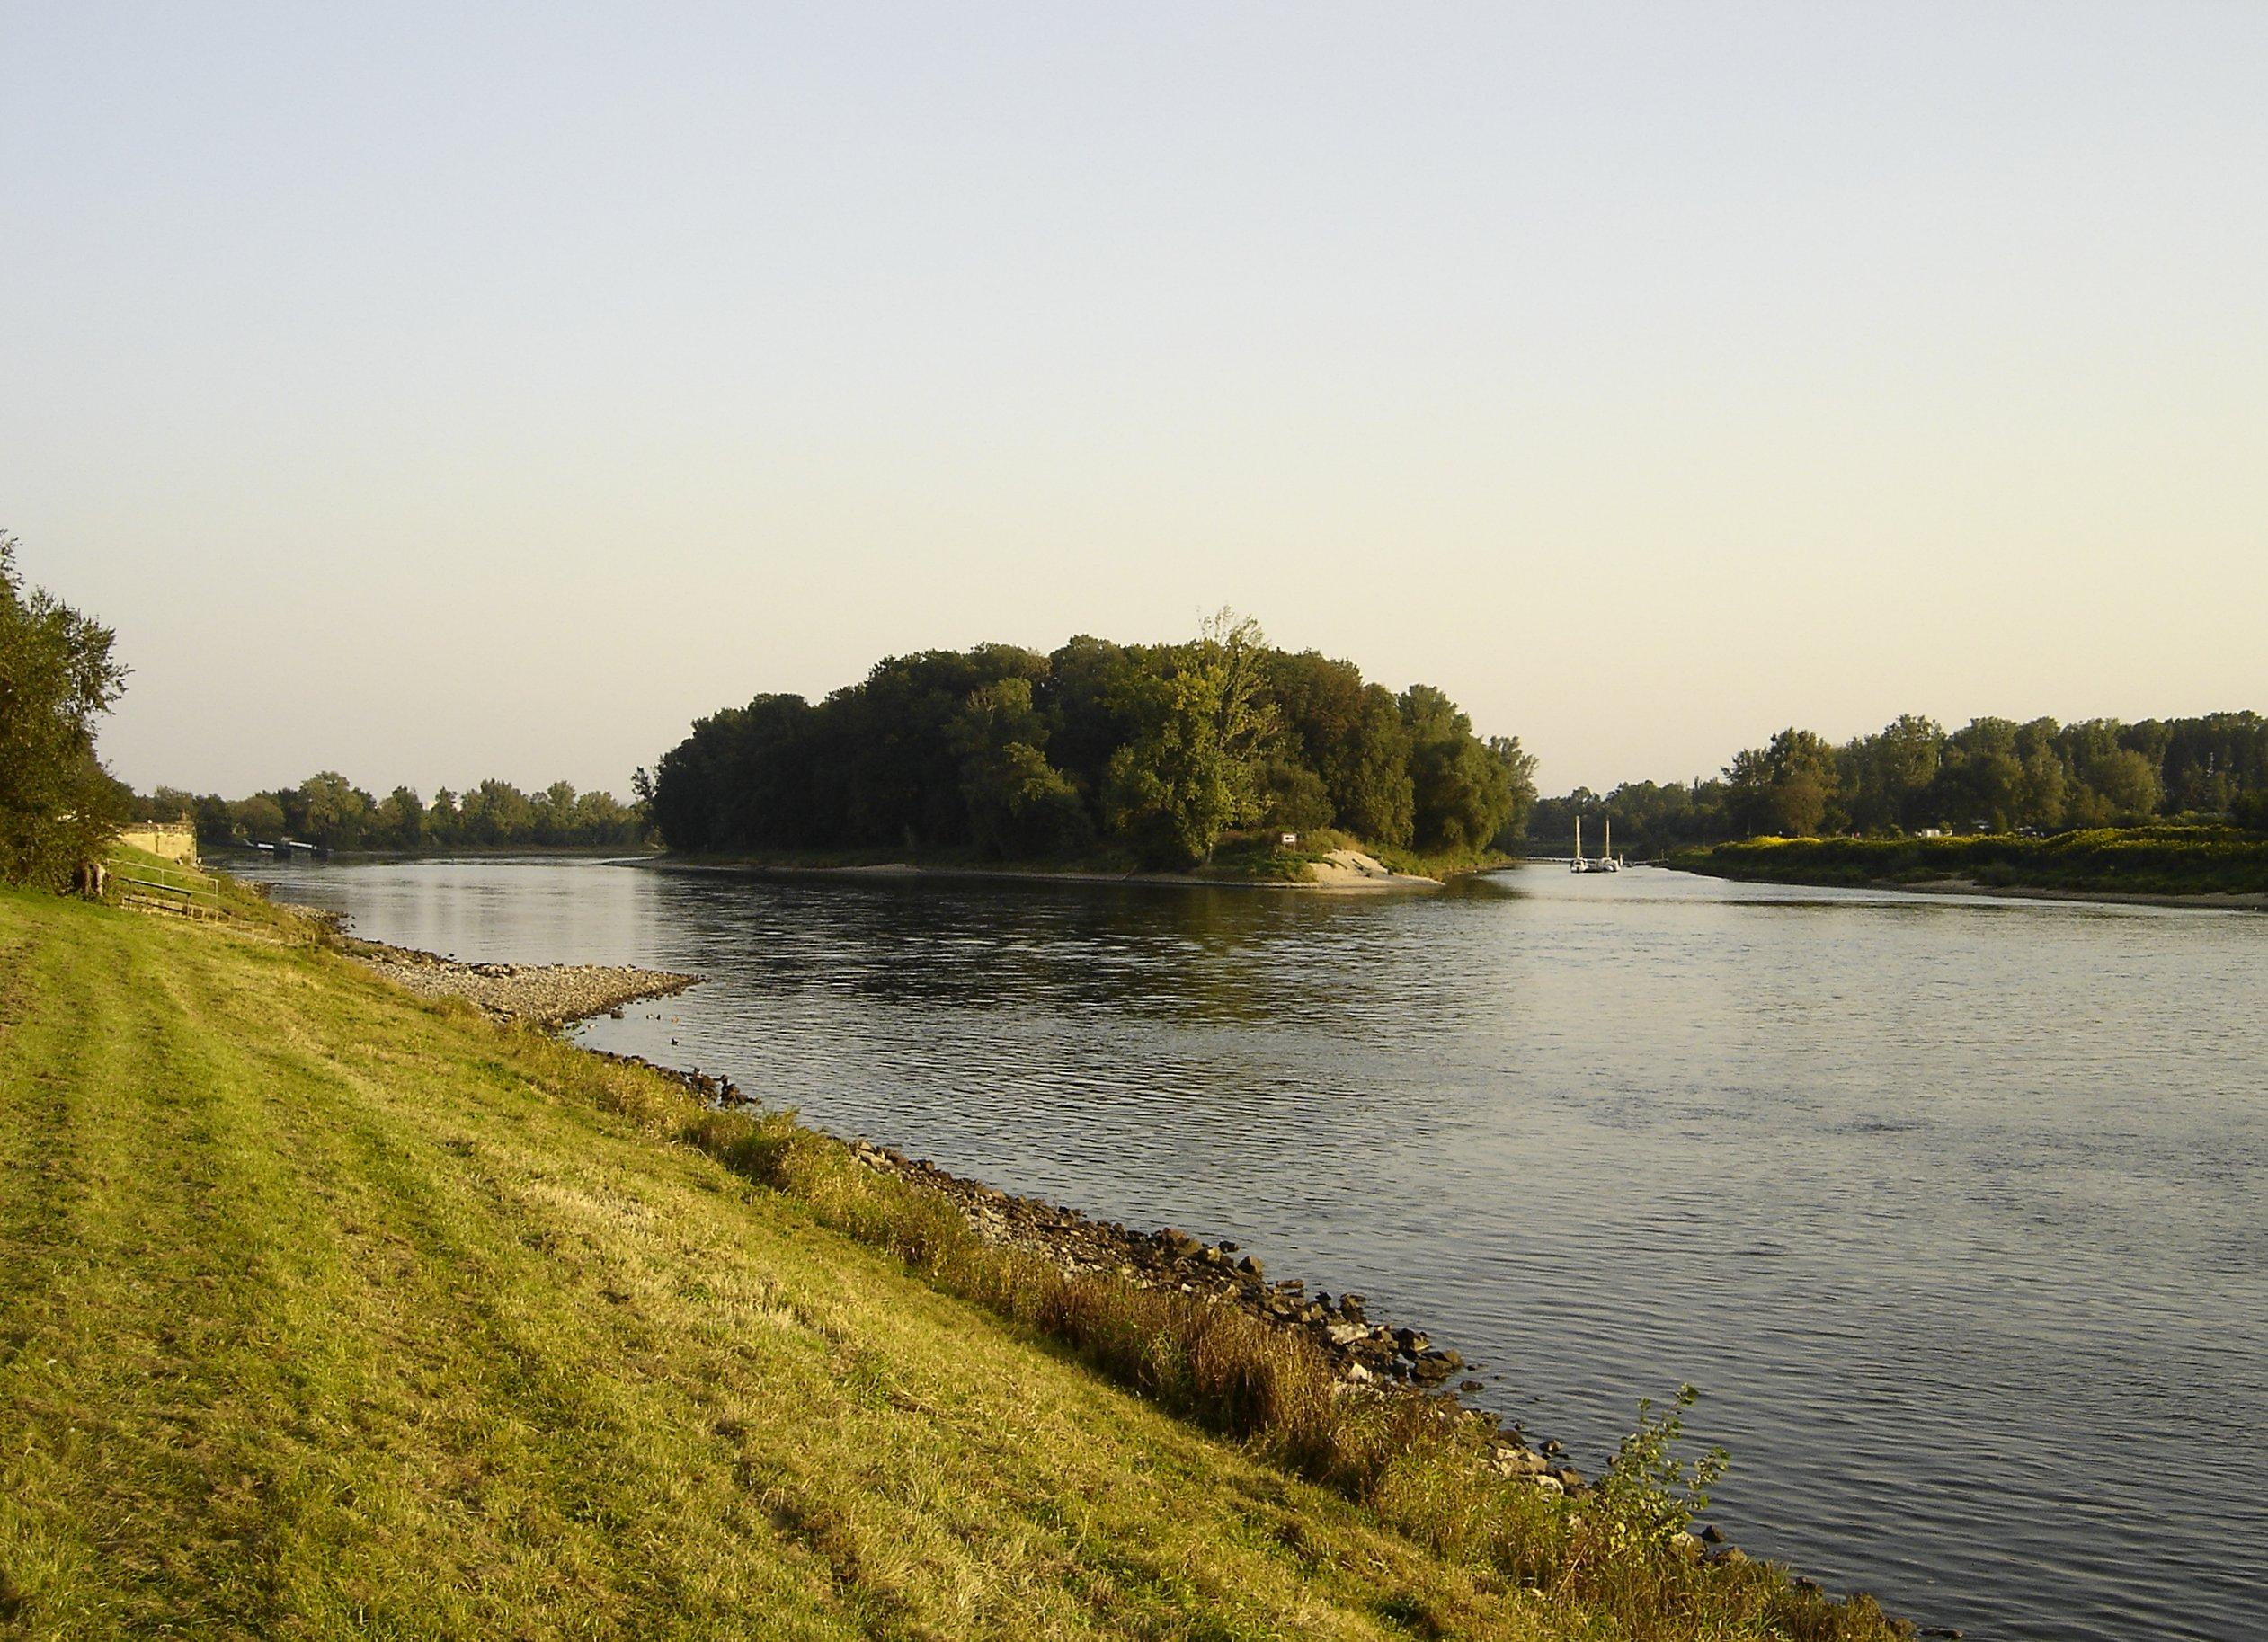 Insel auf der Elbe bei Pillnitz